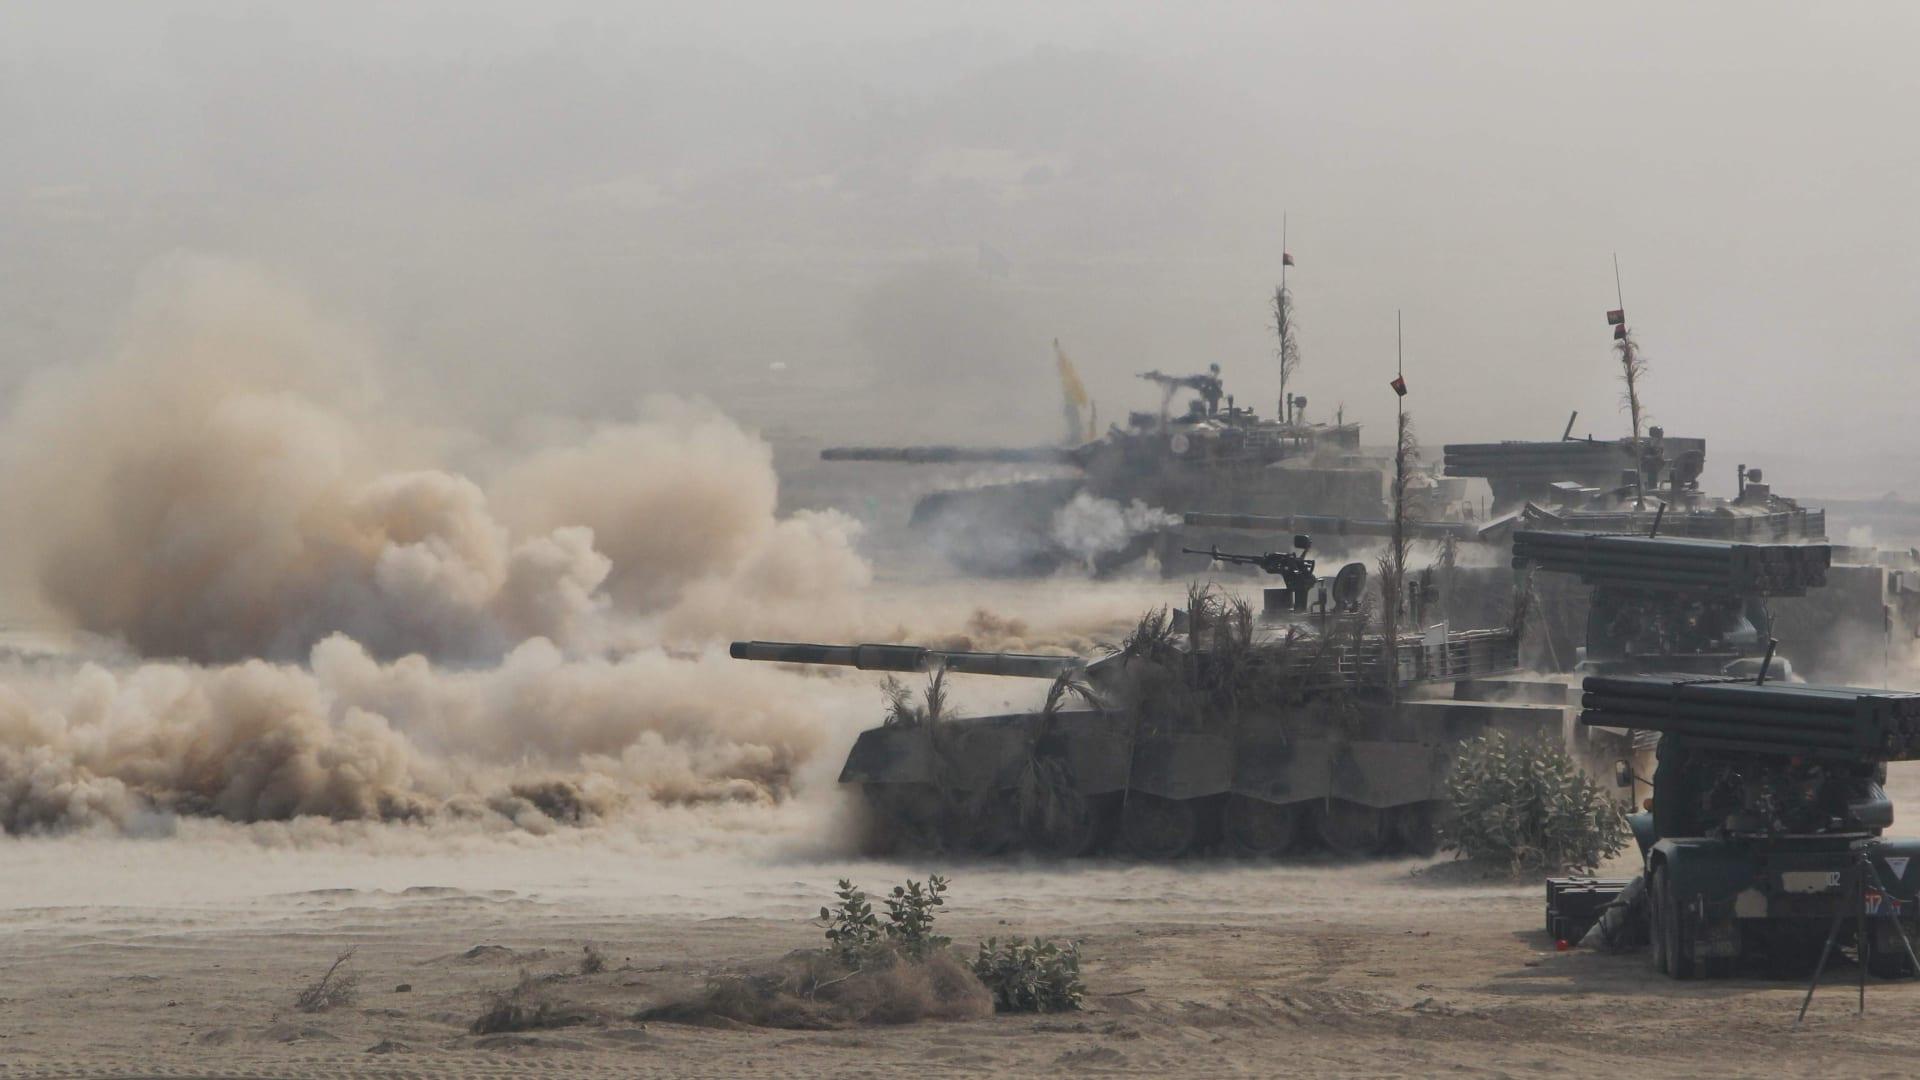 مقارنة بين قدرات الجيشين الهندي والباكستاني